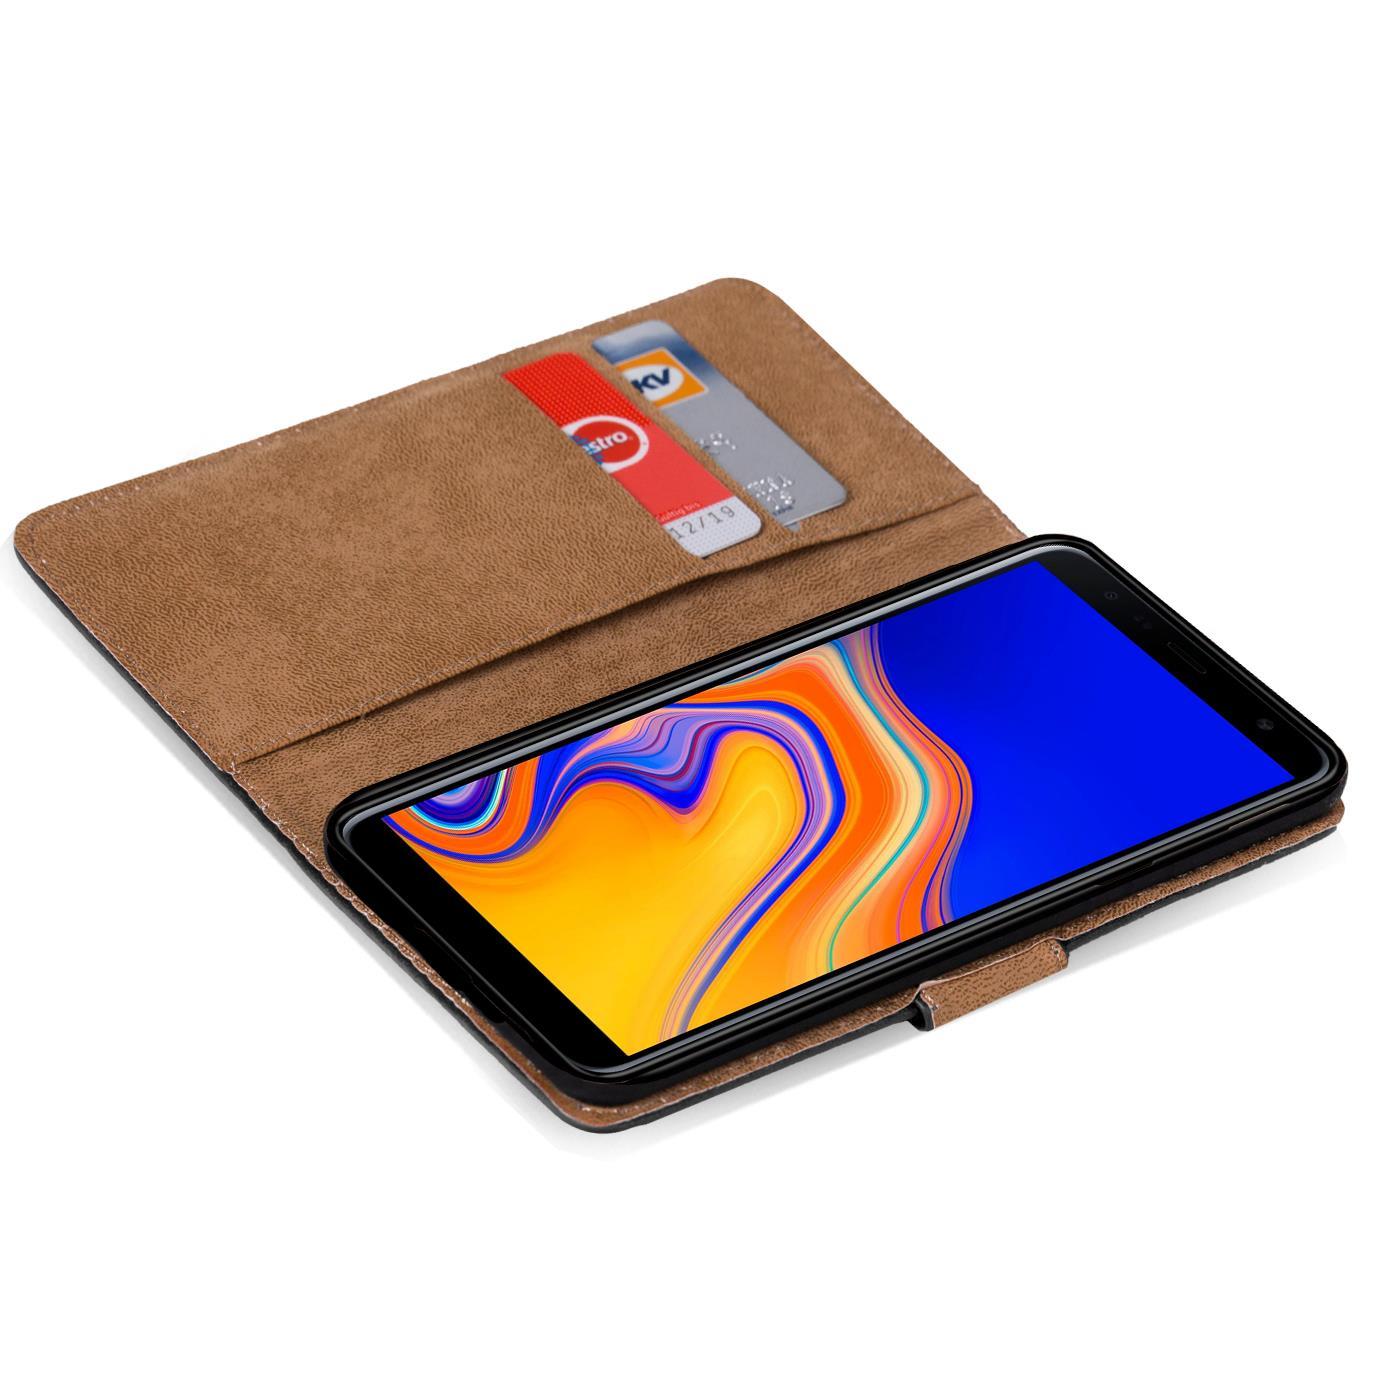 Samsung-Galaxy-J4-Plus-Handy-Klapp-Tasche-Schutz-Huelle-Book-Flip-Cover-Case-Etui Indexbild 10